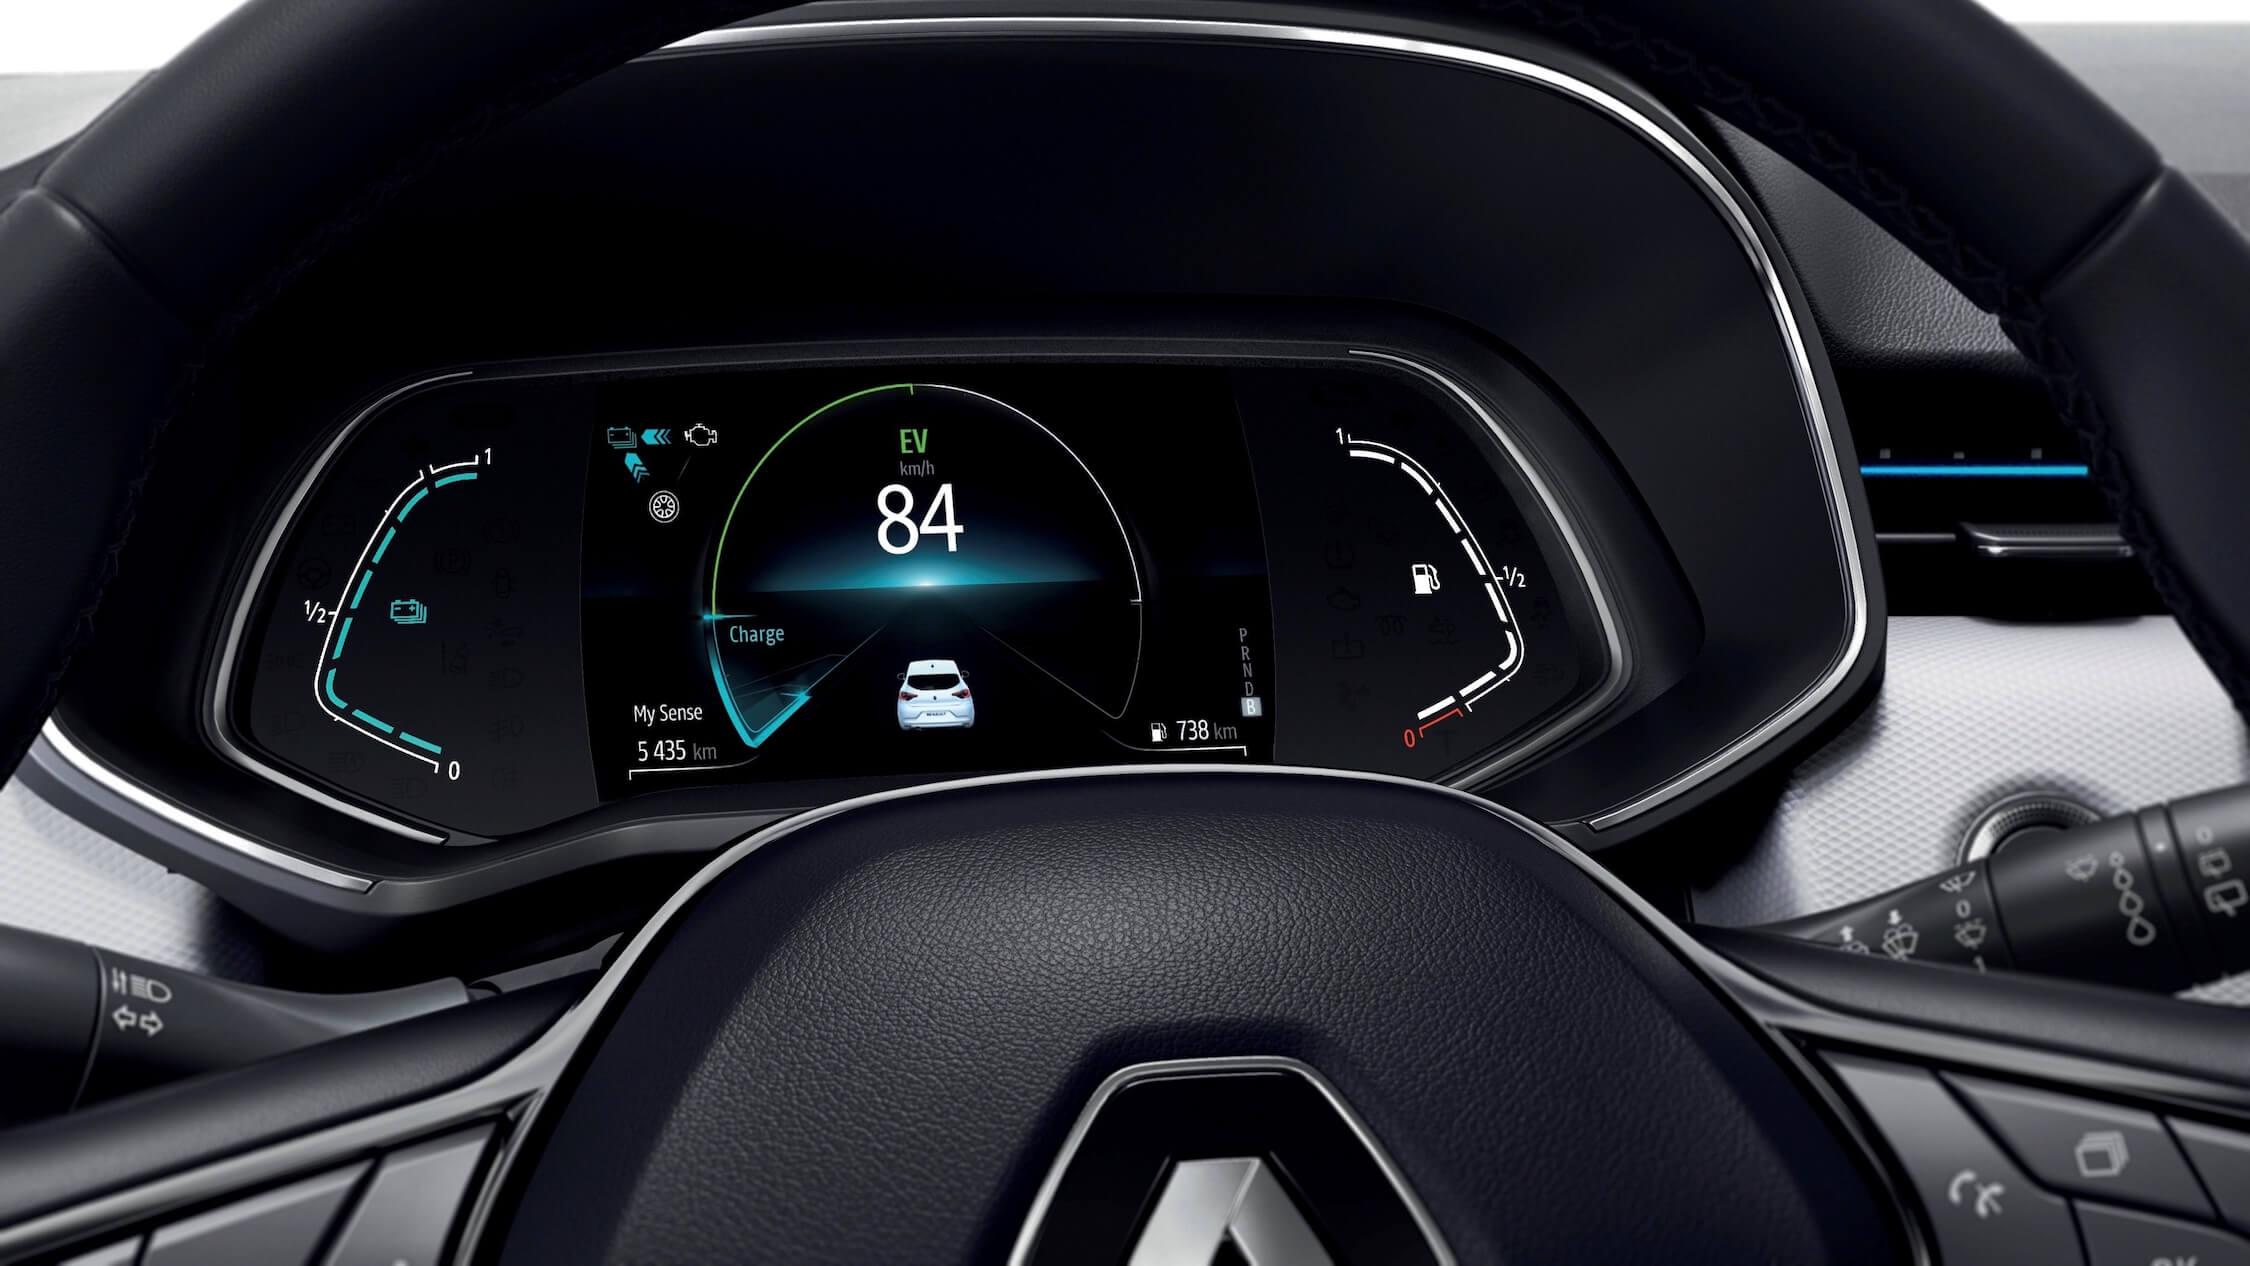 Hybride Renault Clio digitaal scherm